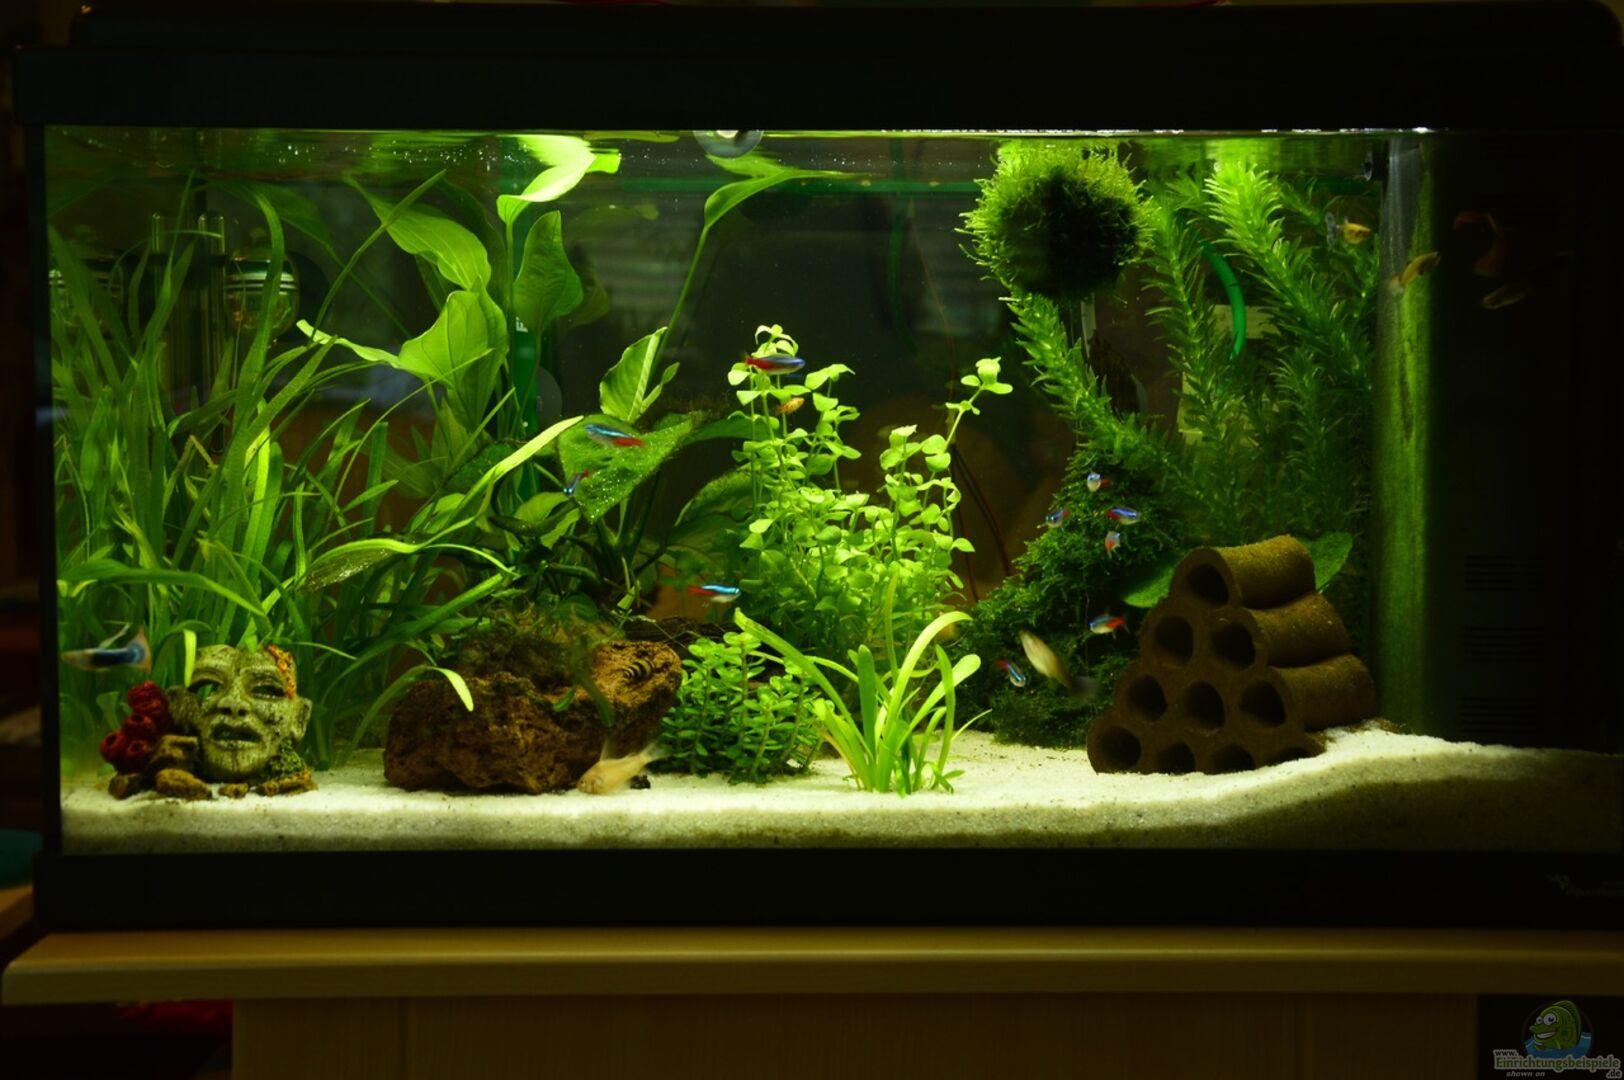 aquarium von will 30687 mein allererstes aquarium. Black Bedroom Furniture Sets. Home Design Ideas